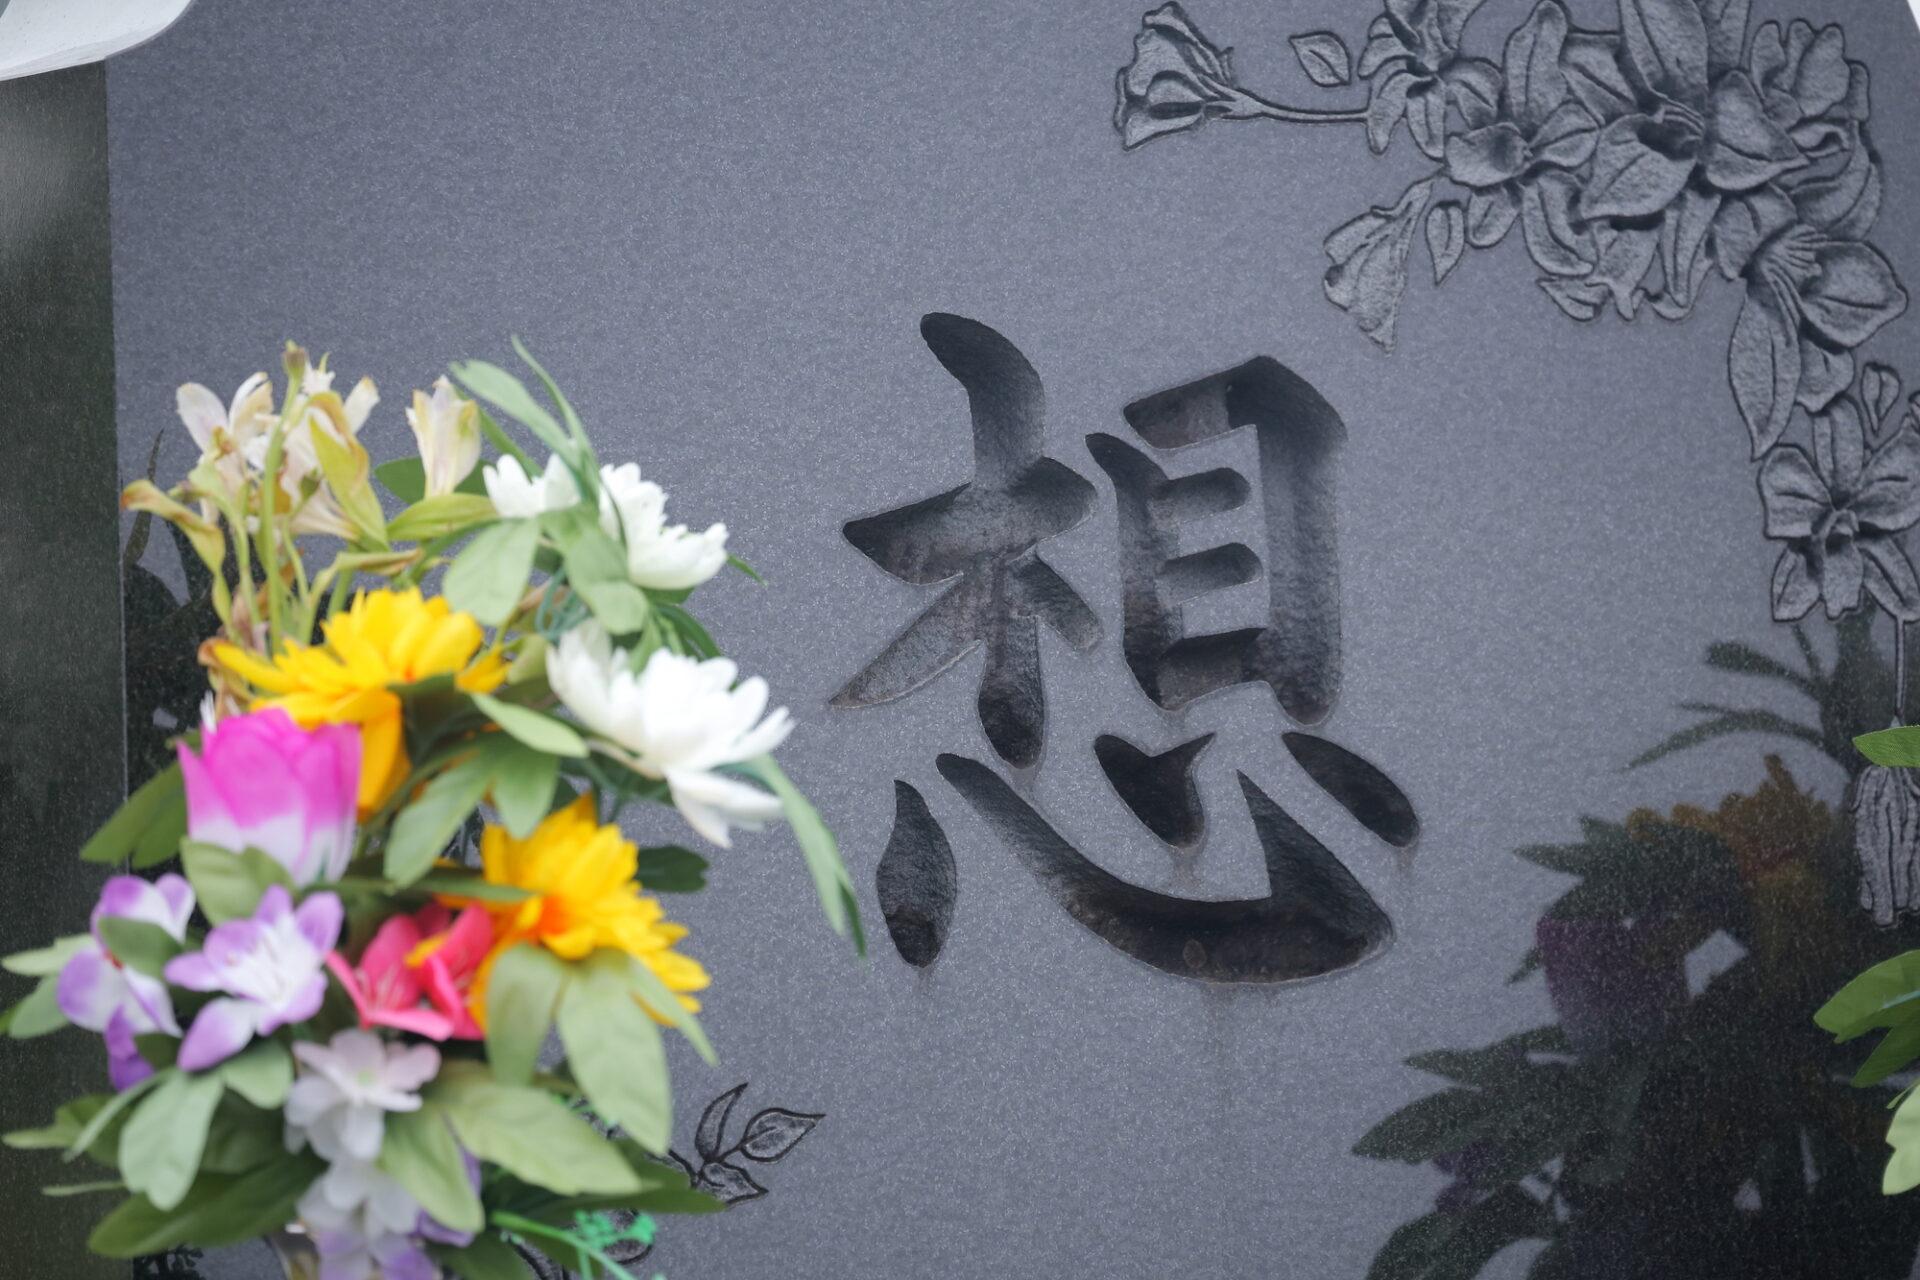 「想」が彫刻されている墓石